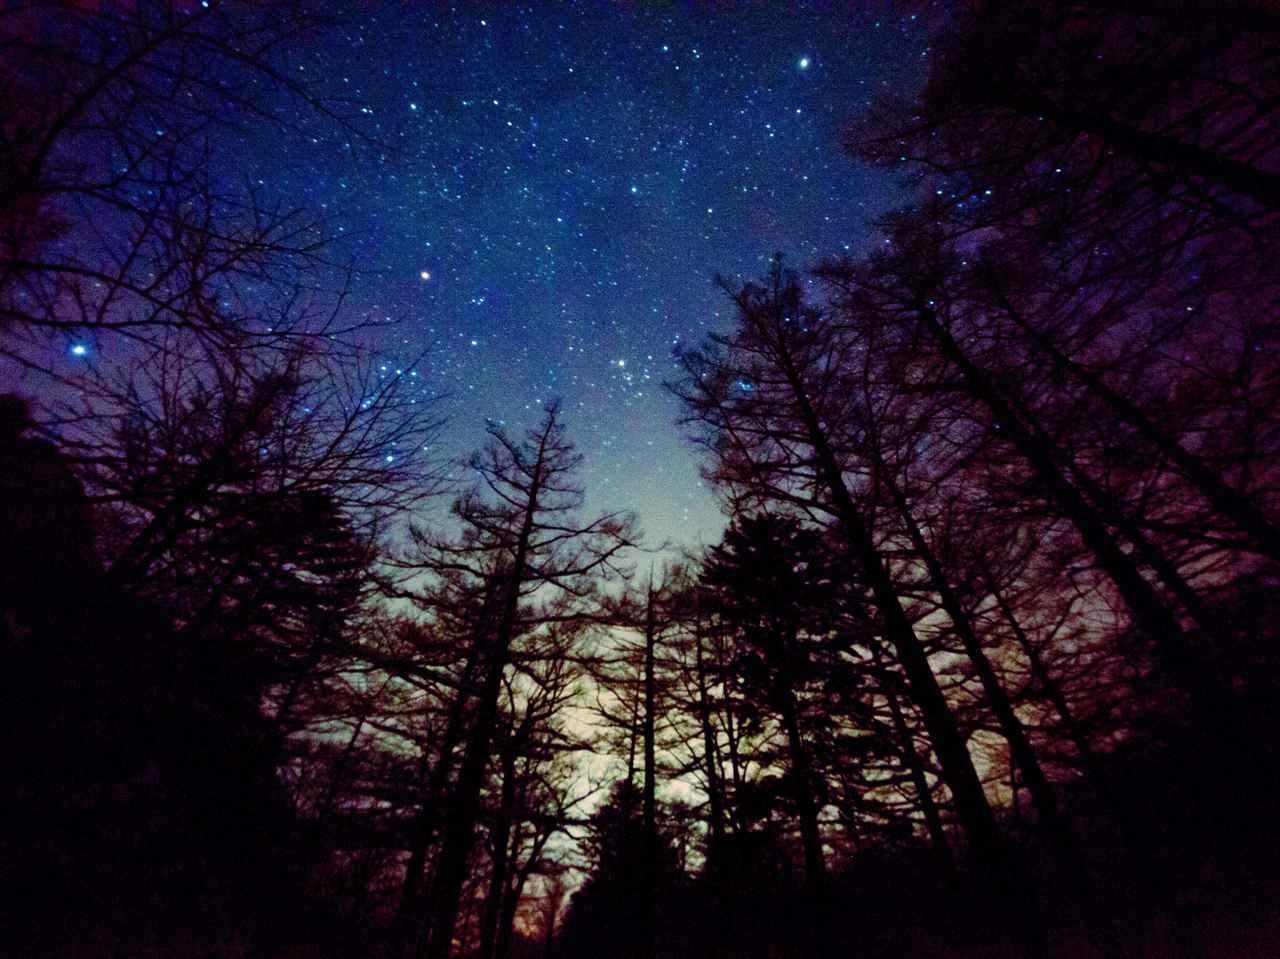 画像: 阿智村 せいなの森キャンプ場など! 星が綺麗に見えるおすすめキャンプ場で天体観測をしてみよう